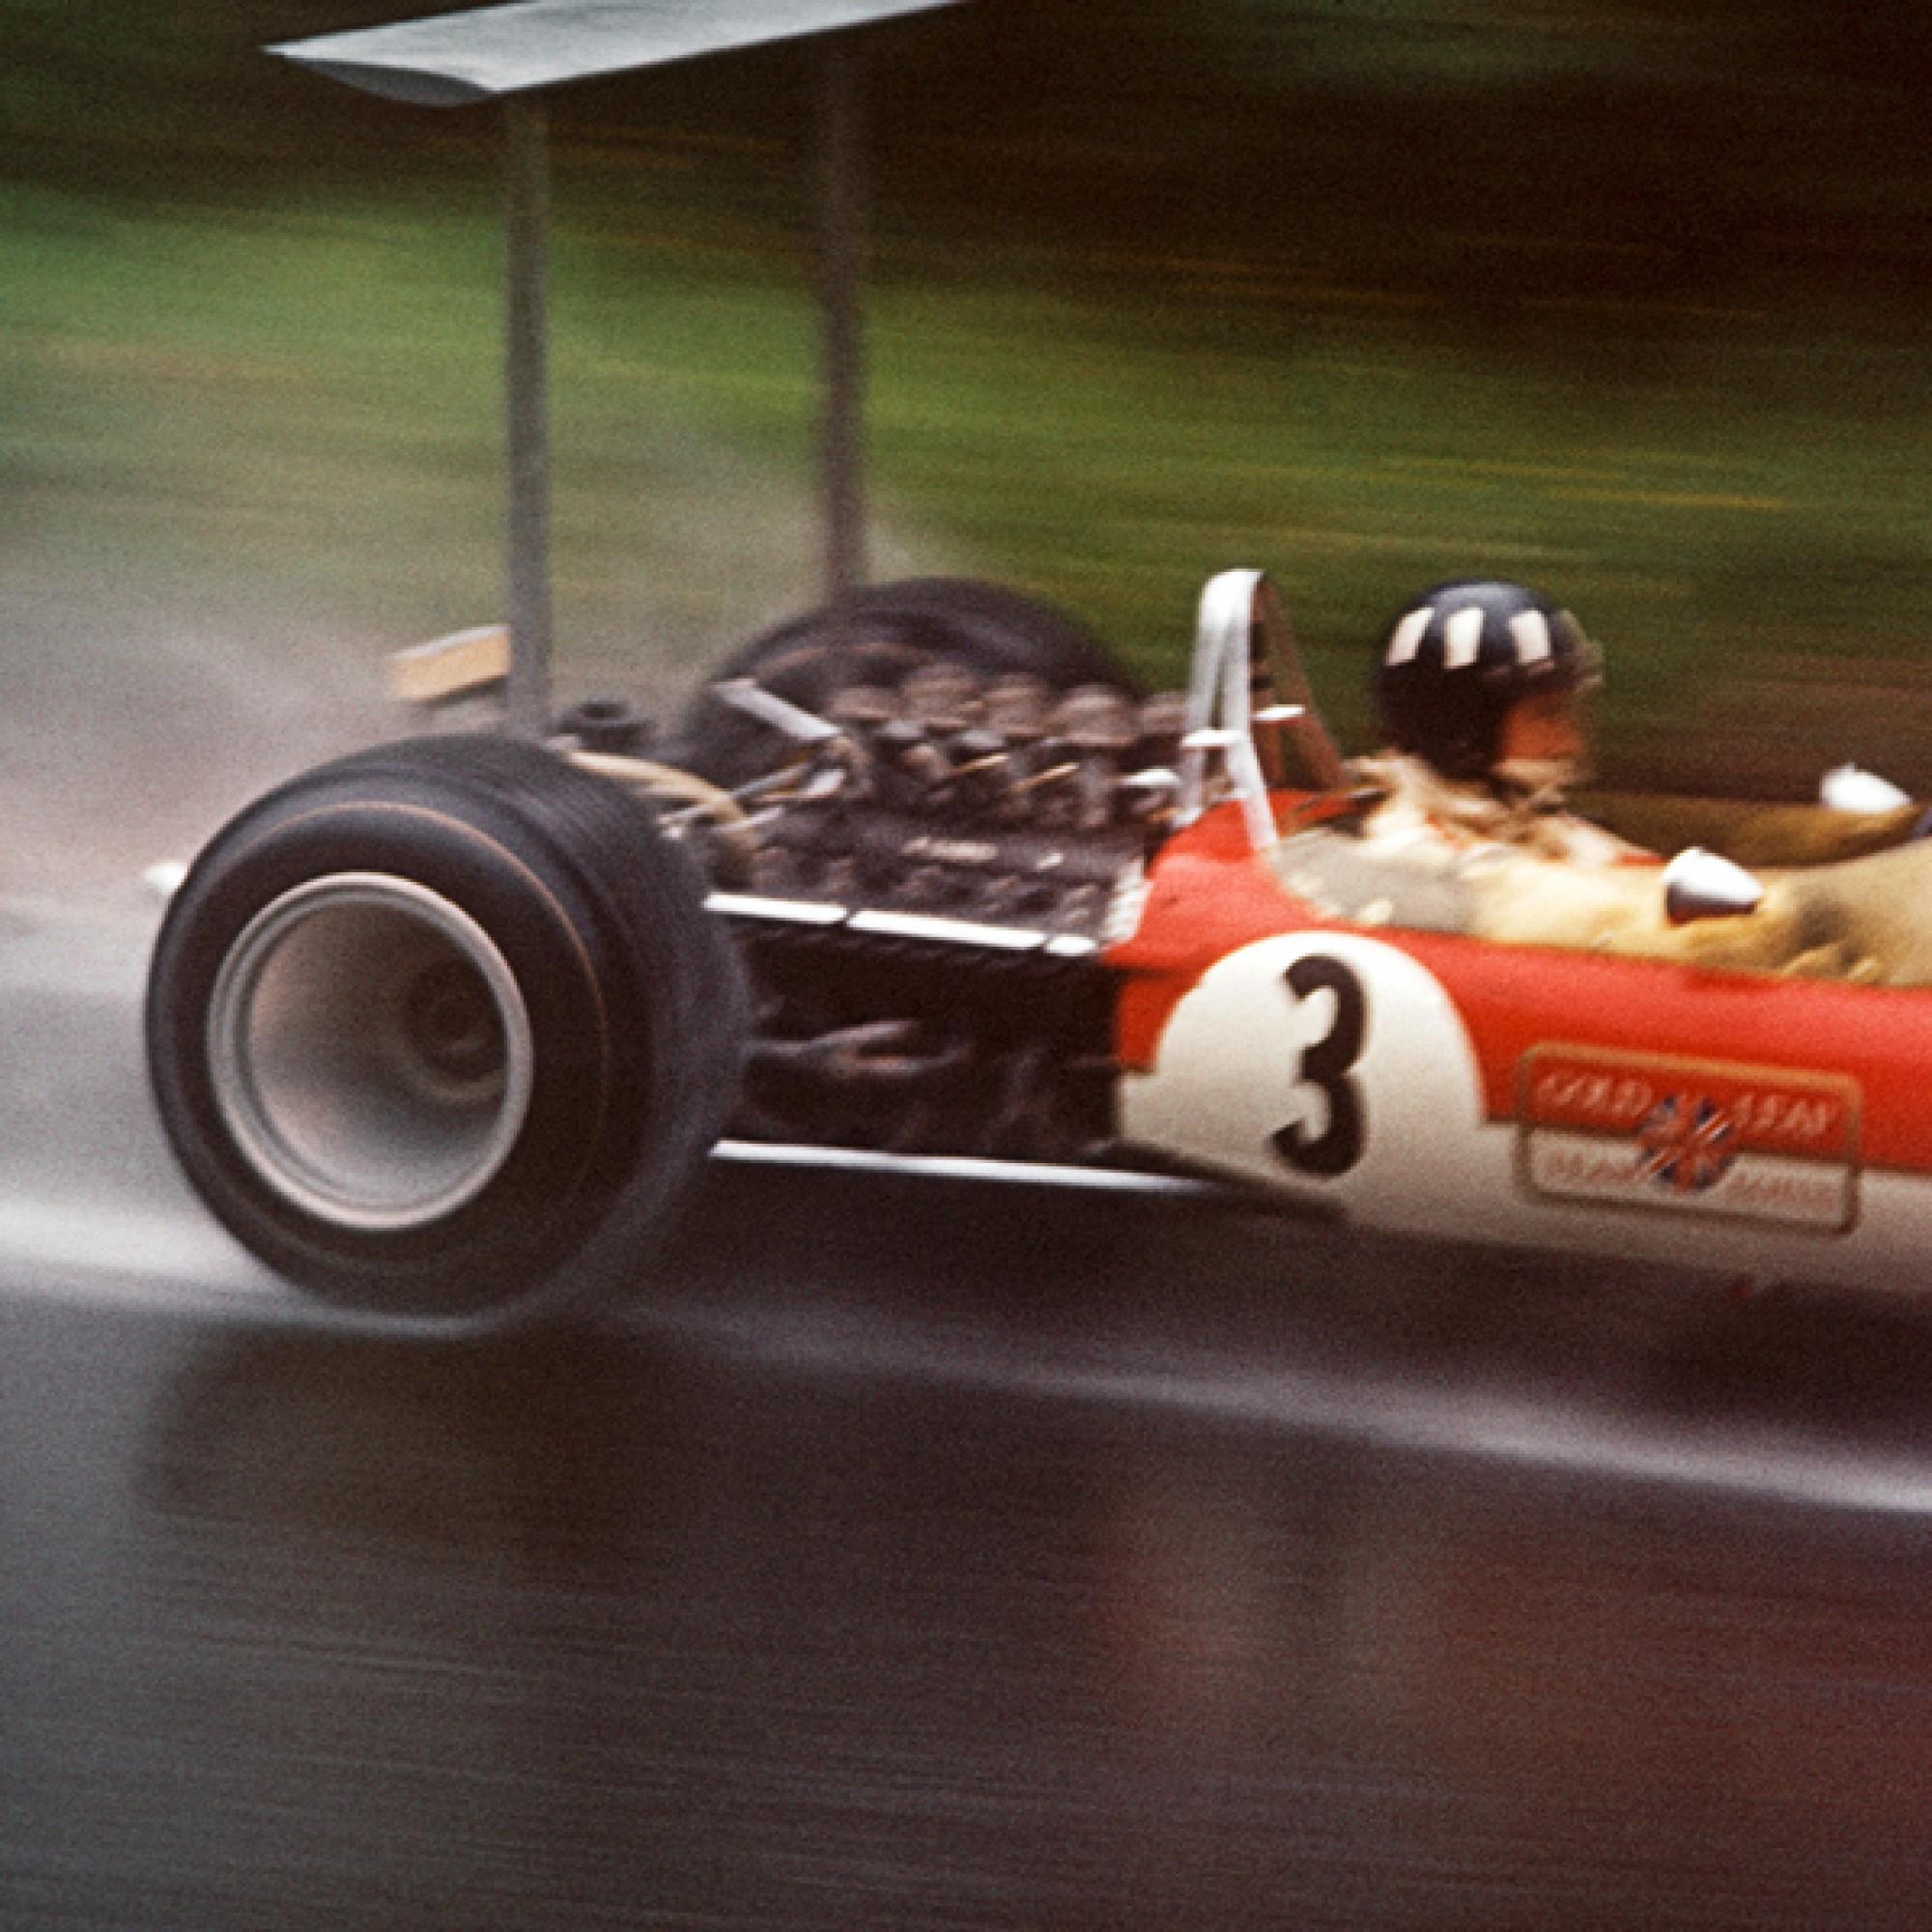 Graham Hill am Grossen Preis von Deutschland auf dem Nürburgring in seinem Lotus-Ford Cosworth 49B von 1968. (motorsportfriends.ch, Museum im Bellpark)